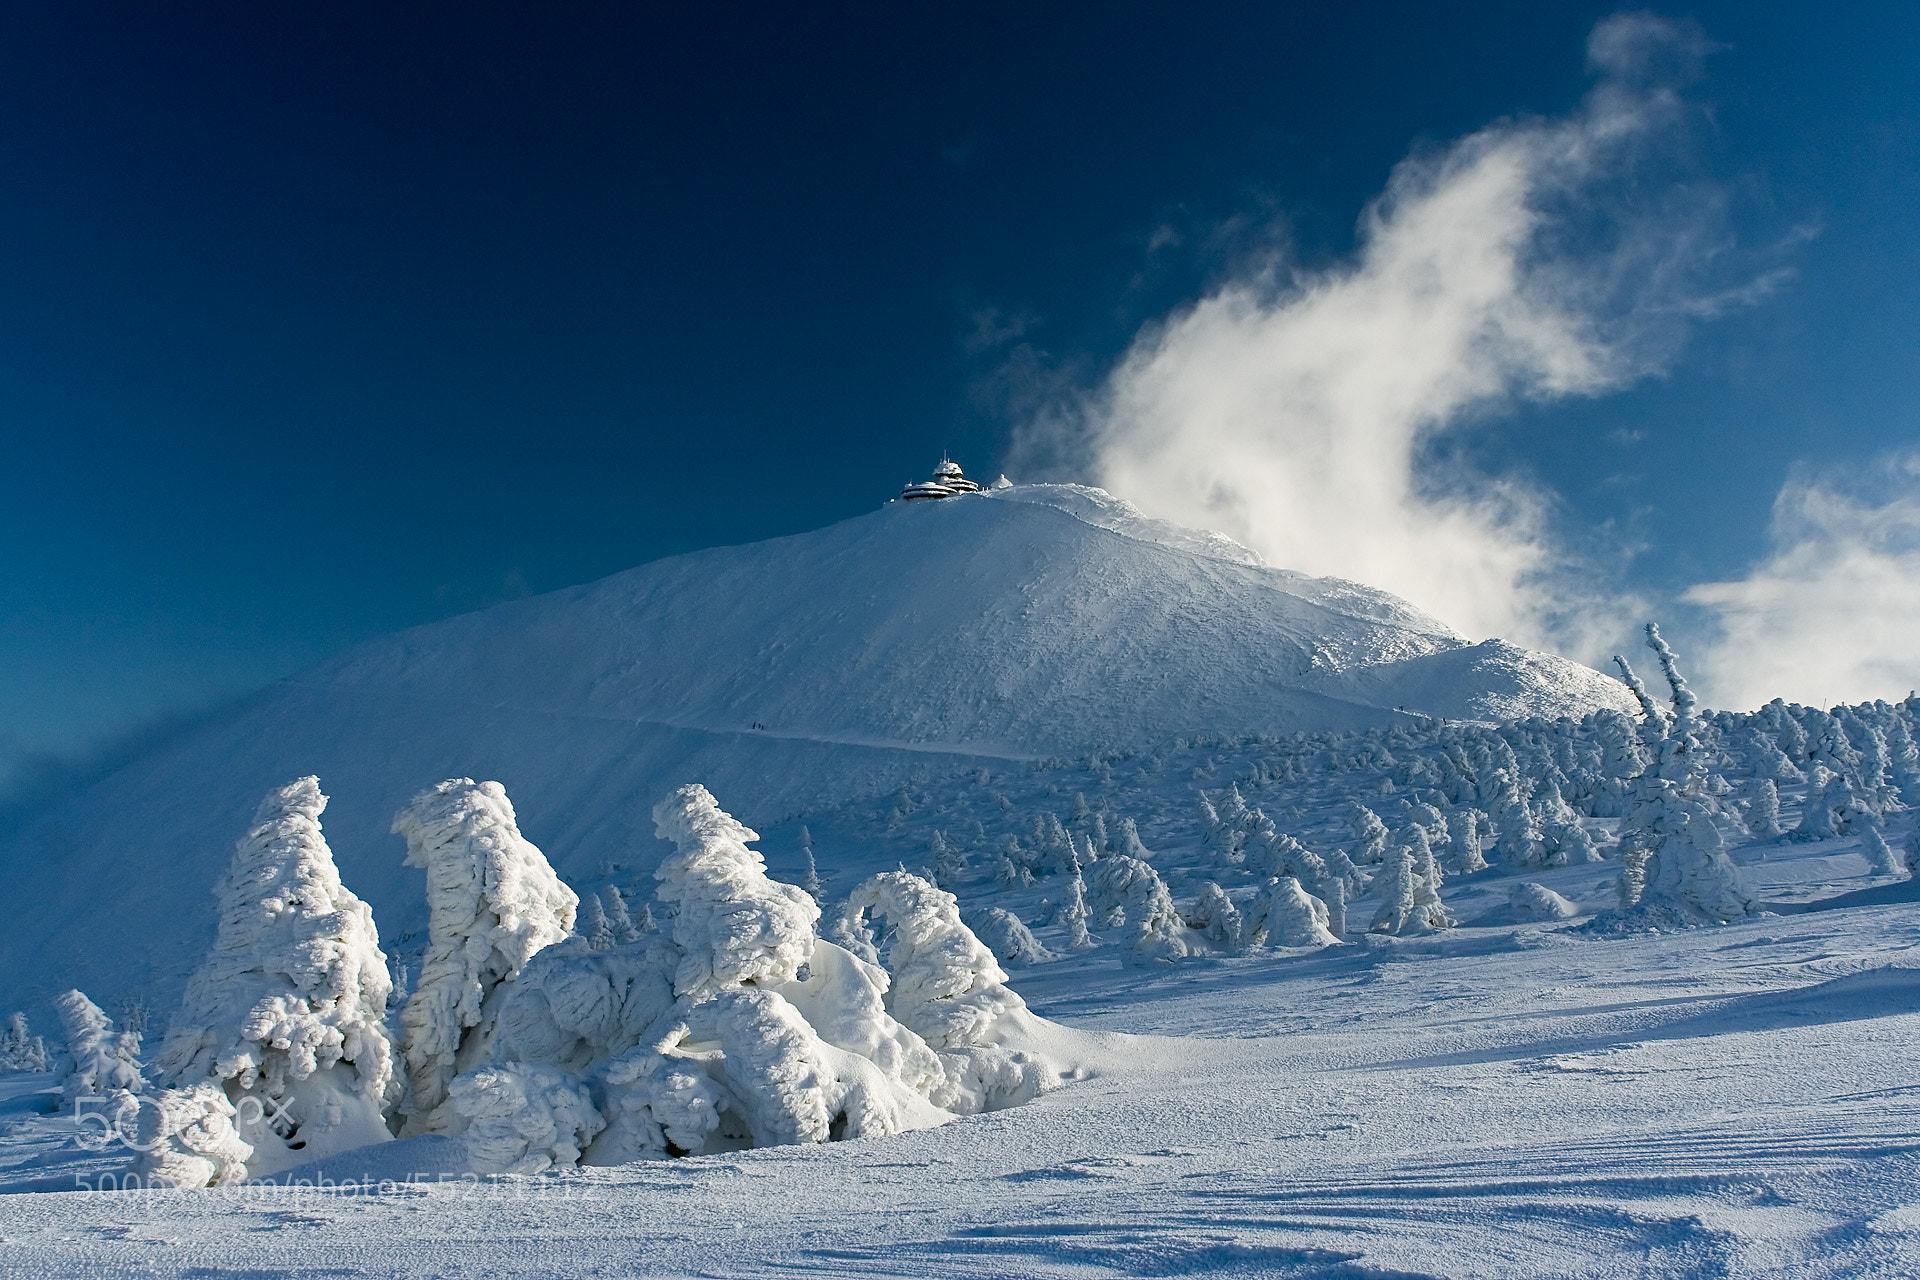 Photograph Winter by Piotr Krzaczkowski on 500px